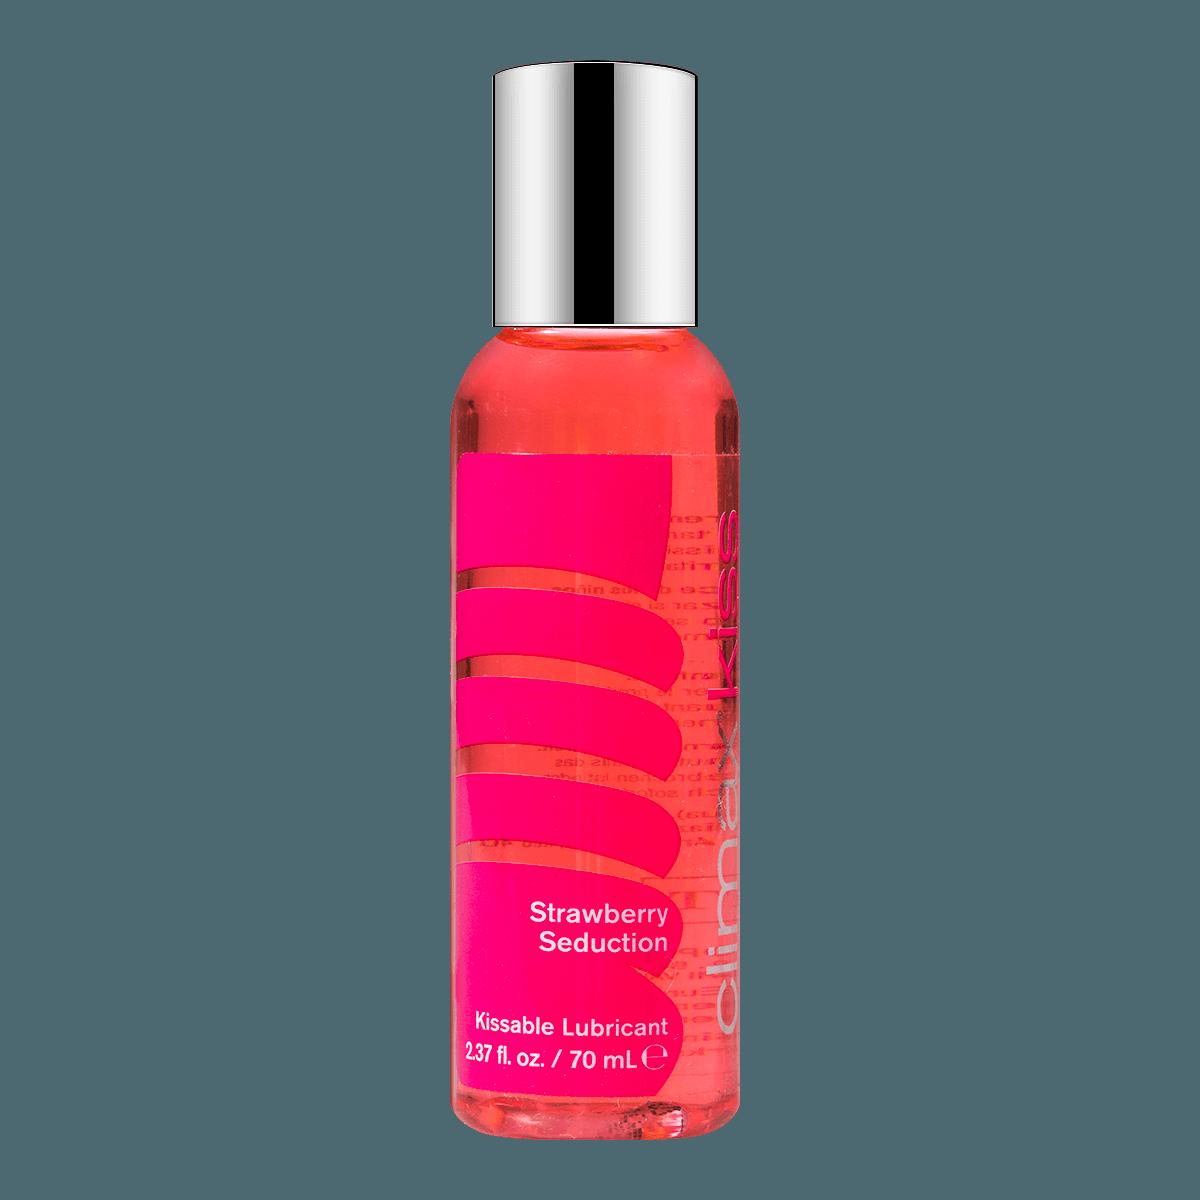 成人用品 美国TOPCO CLIMAX KISS 可食用润滑液 草莓味 70ml